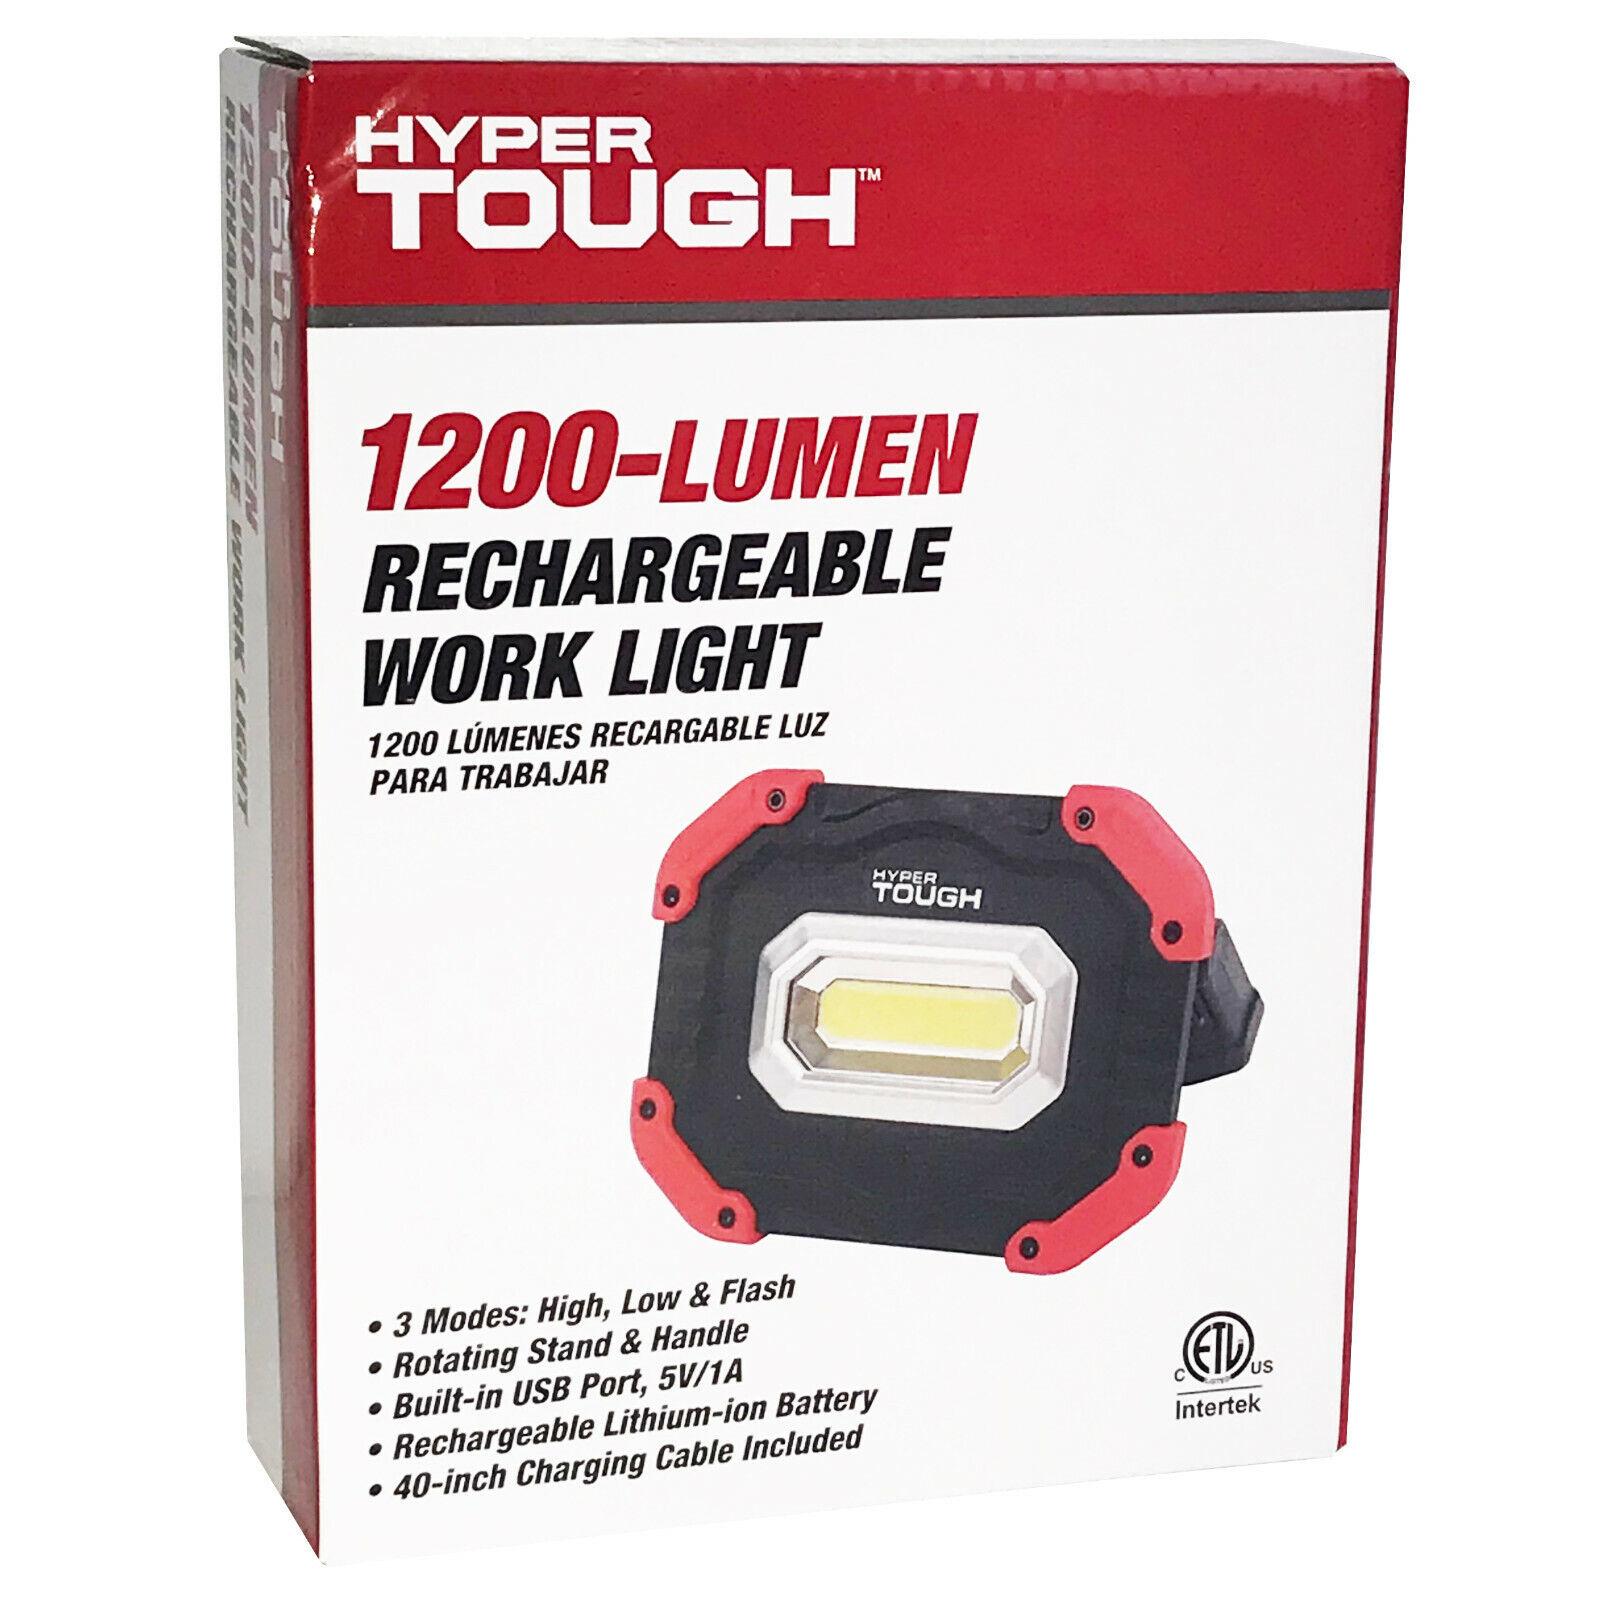 Workshop Flashlights Work Lights Hyper Tough 1200 Lumen